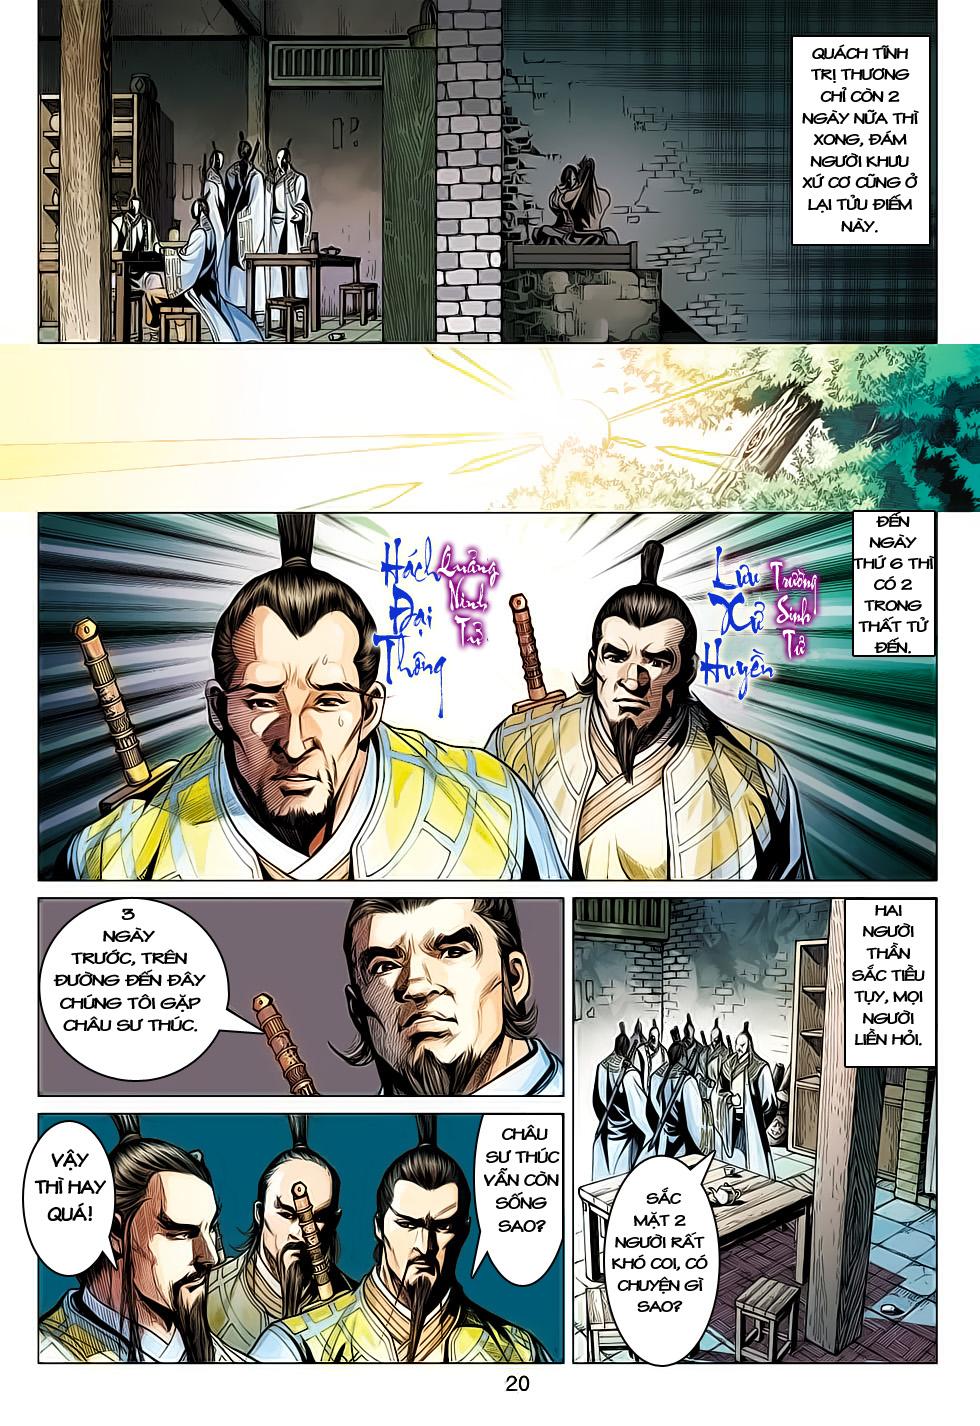 Anh Hùng Xạ Điêu anh hùng xạ đêu chap 61: thất tử chiến thiết thi trang 20